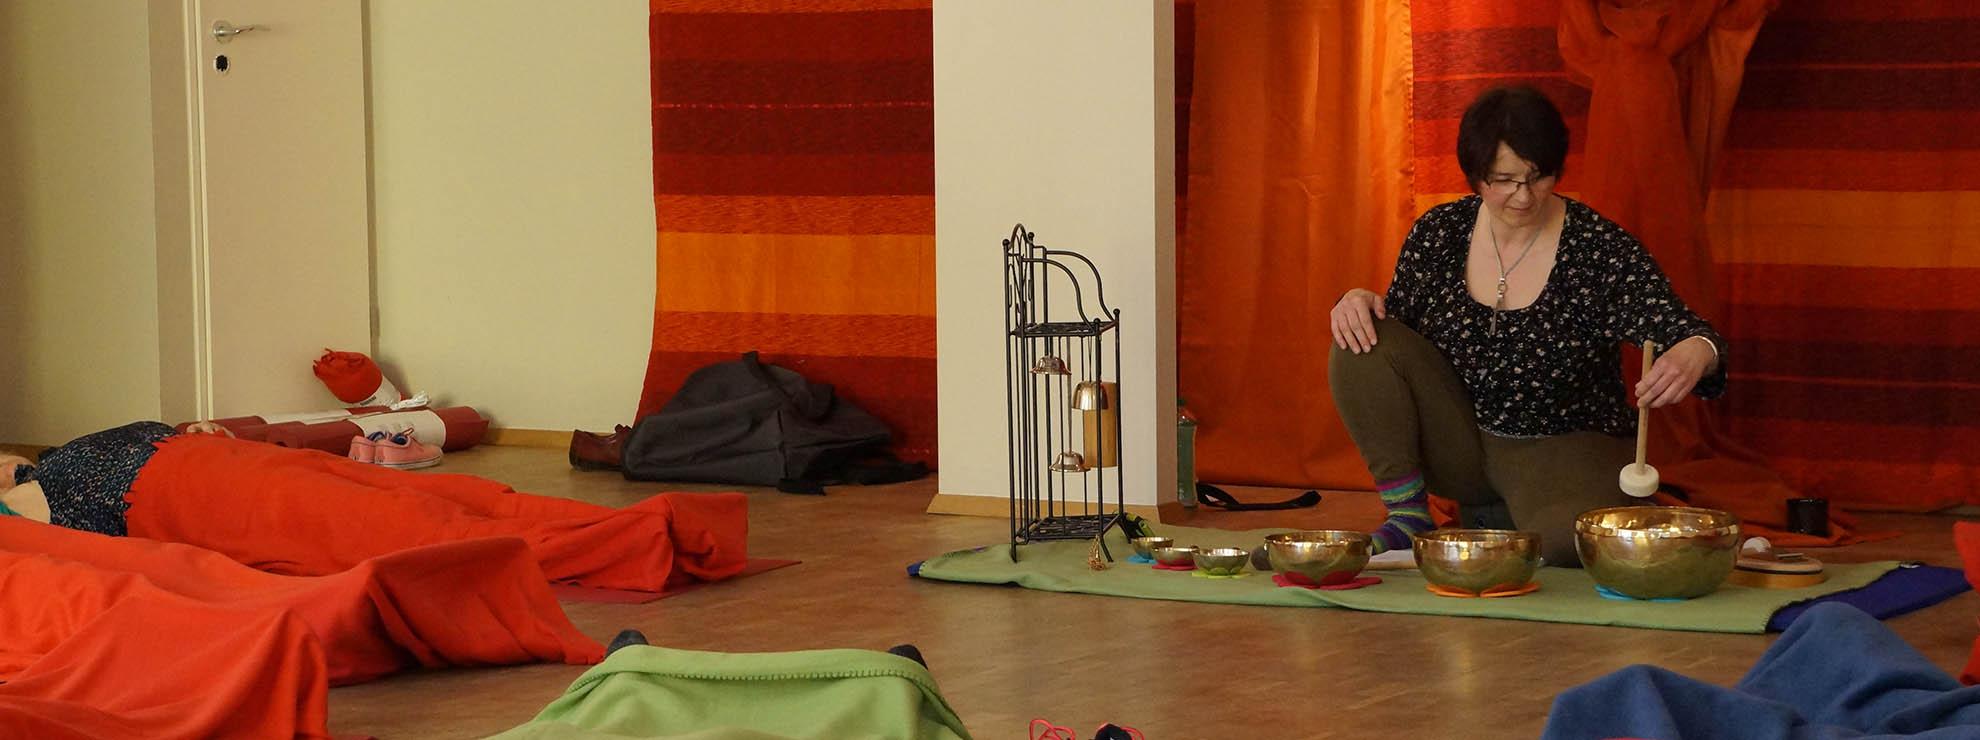 Sehr ruhiger Raum ideal für Meditation und Entspannung